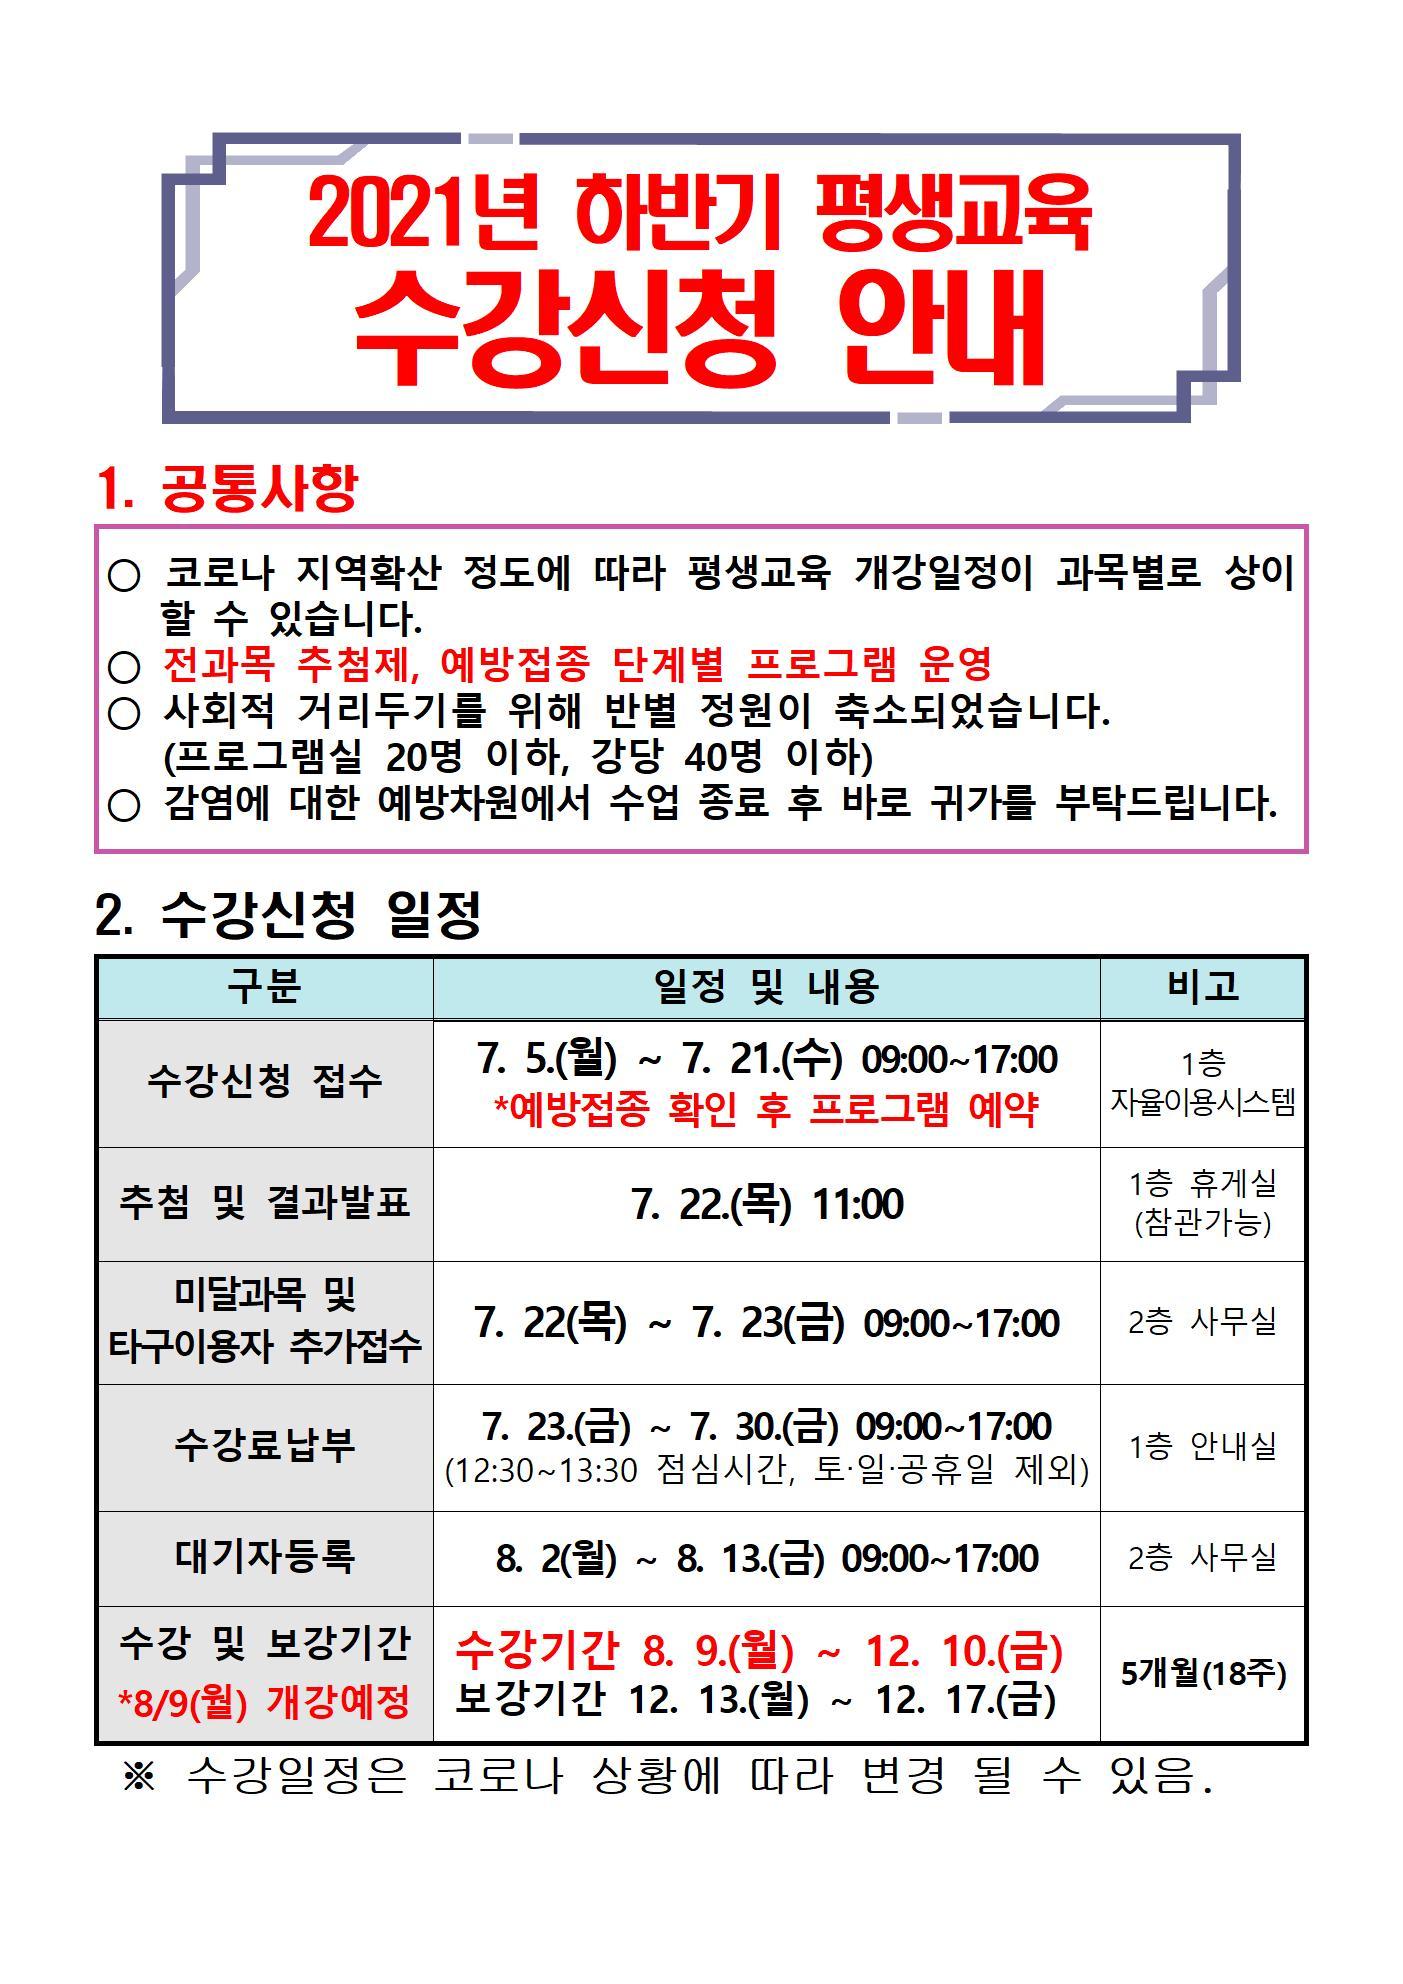 2021년 하반기 수강신청 홍보 안내001.jpg